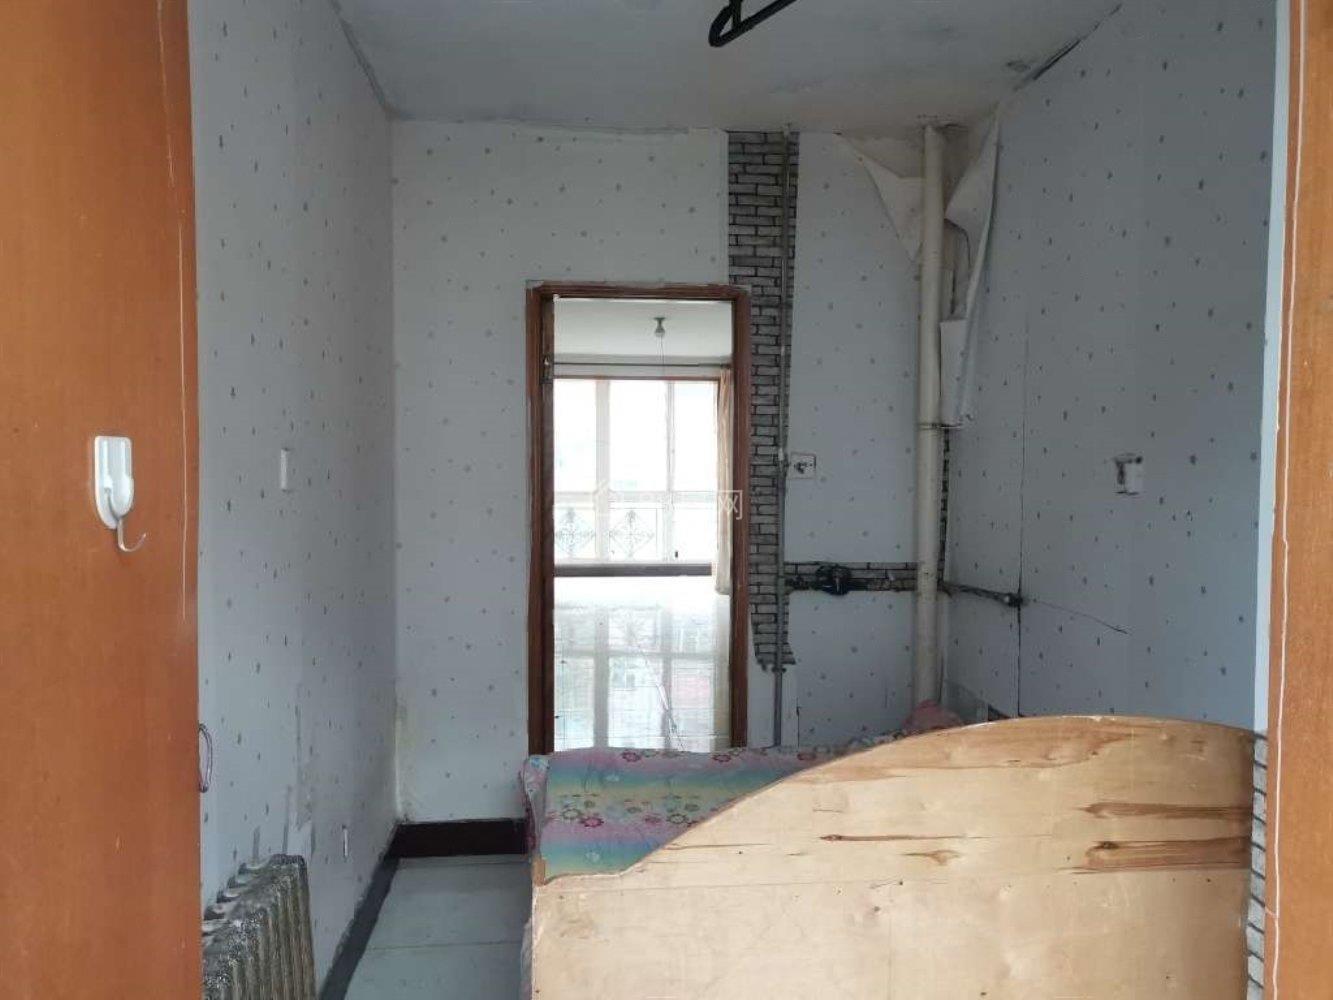 福华里 2室2厅1卫 1500元月 南北通透 96平